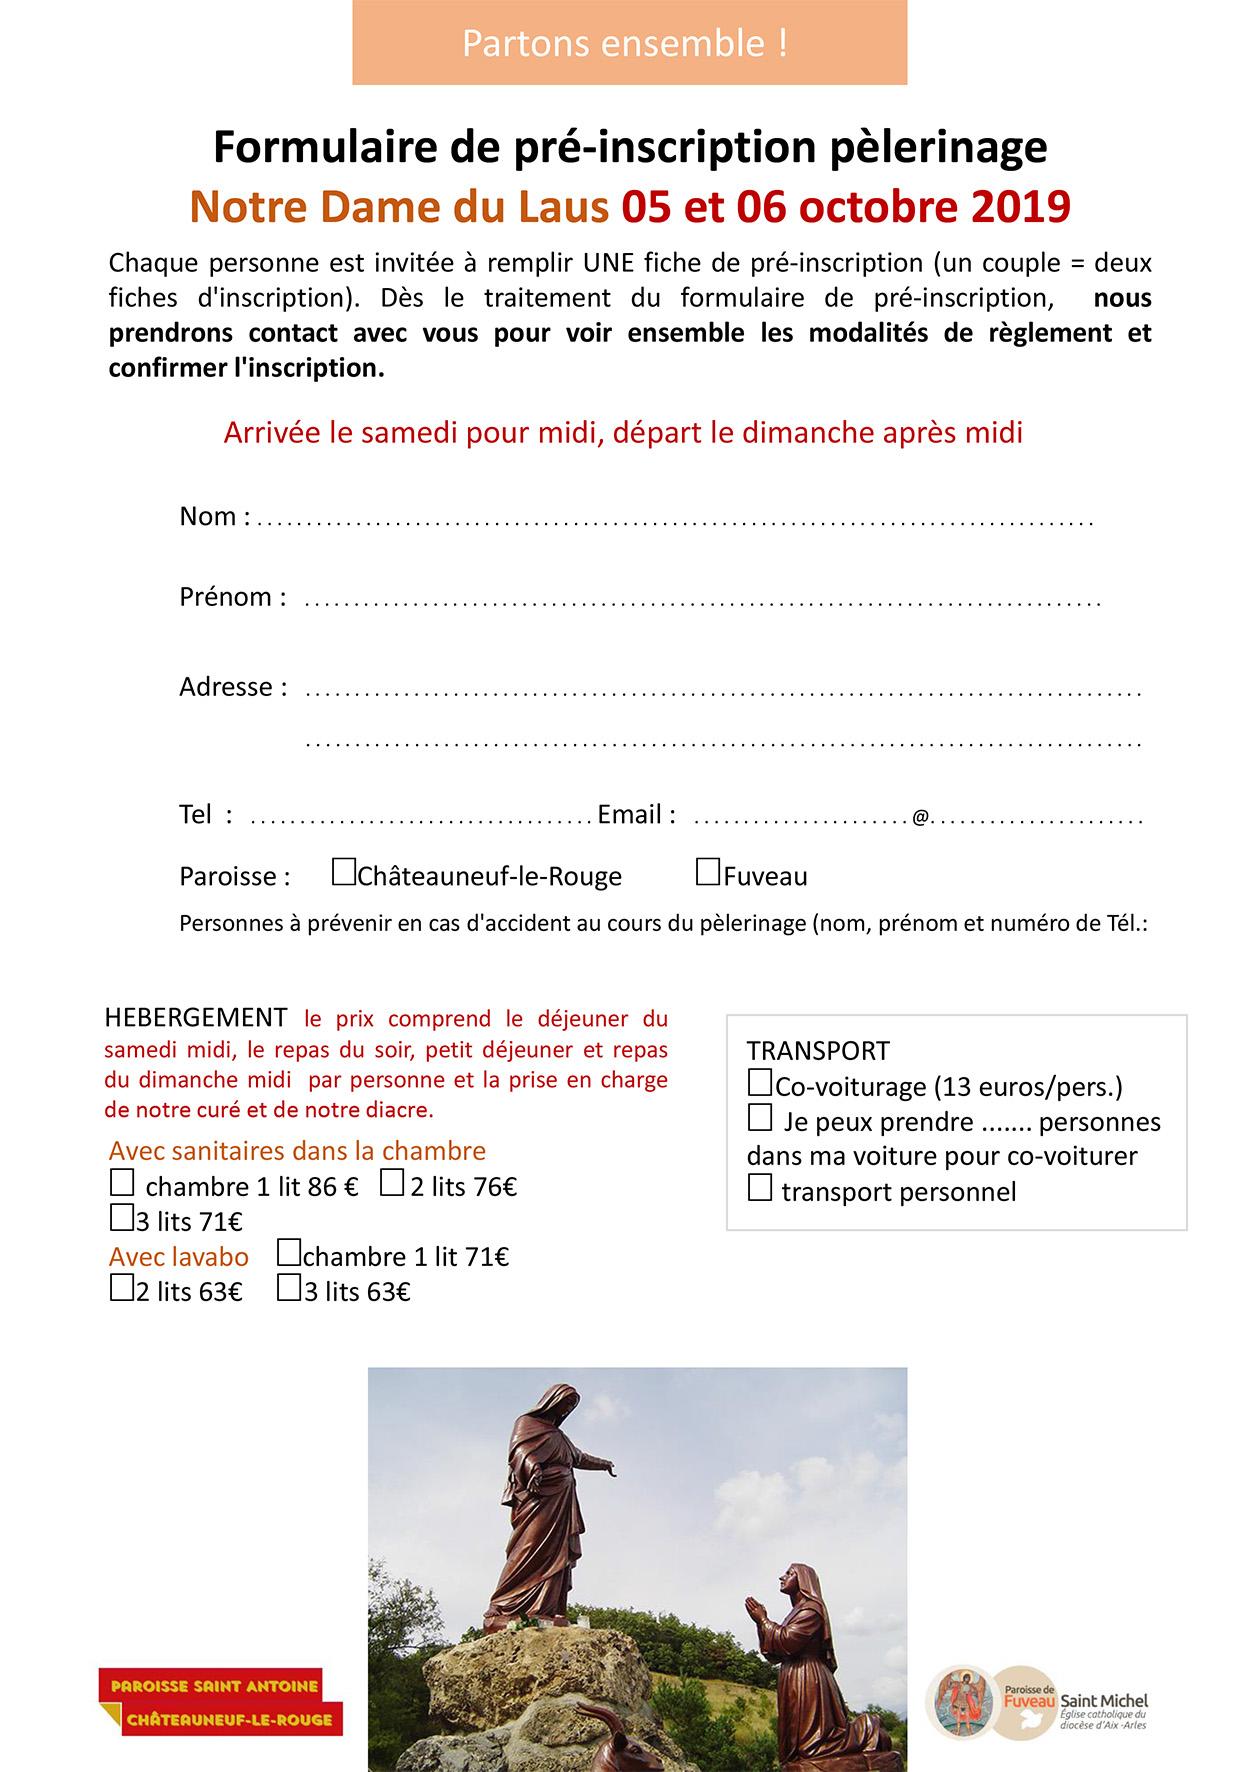 Inscription pèlerinage à ND du Laus pour les Paroisses de Fuveau et Châteauneuf-le-Rouge